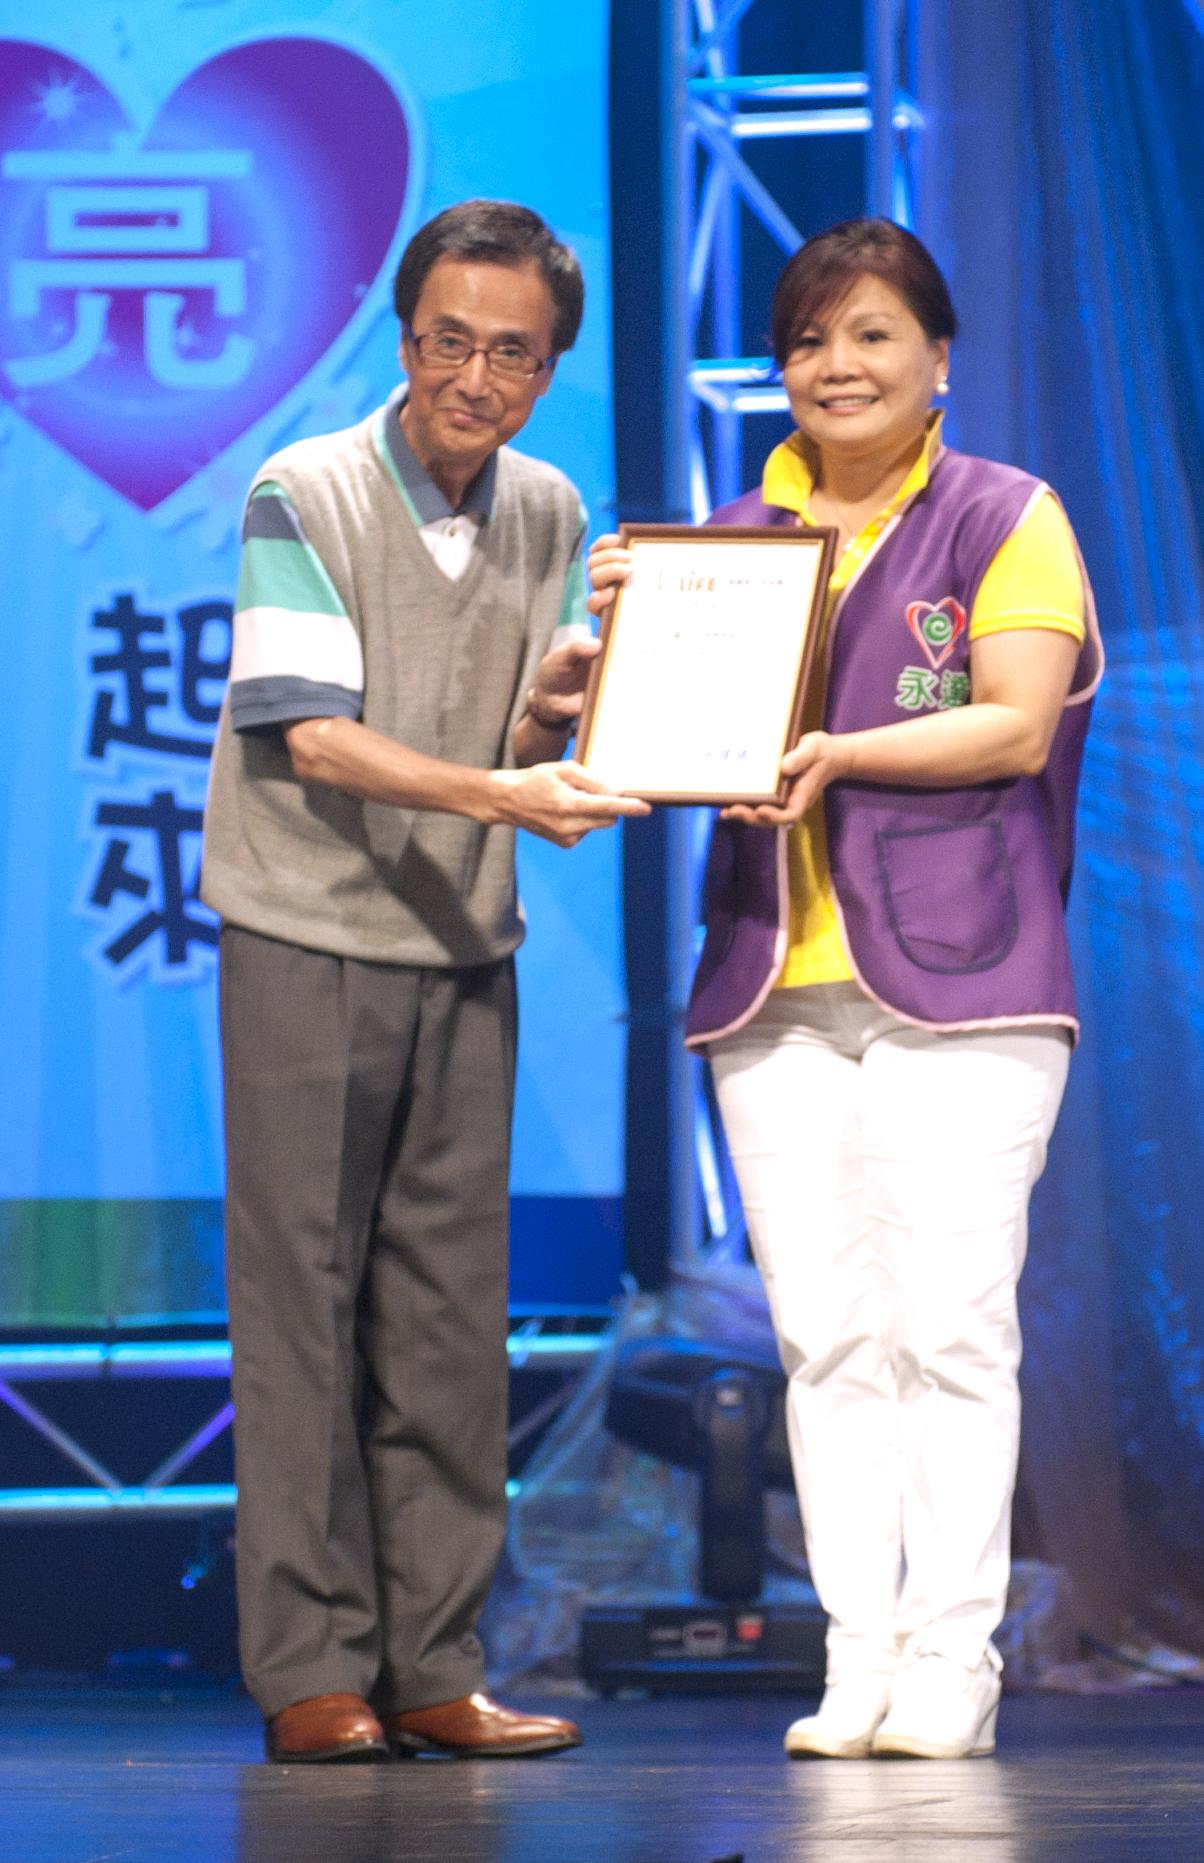 台灣優質生命協會名譽理事長徐風(圖左)頒贈感謝狀予永達保經李秋蓮協理(圖右)。